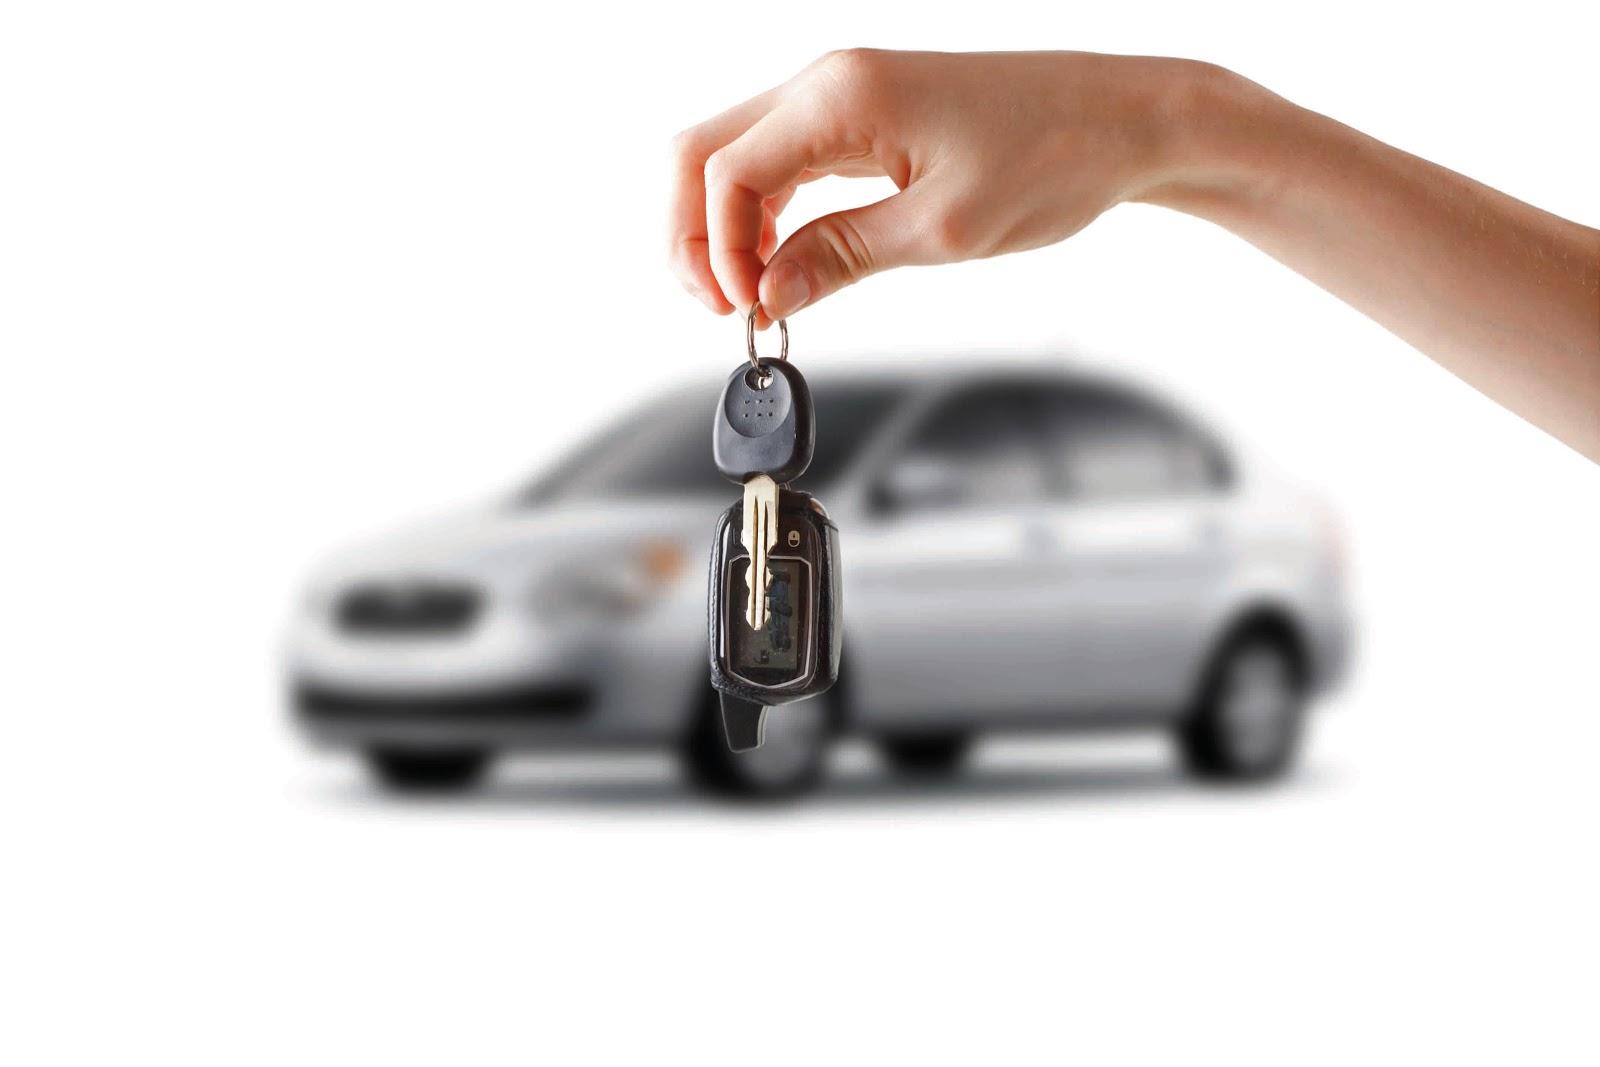 МВД разъяснило изменения в порядке регистрации транспортных средств